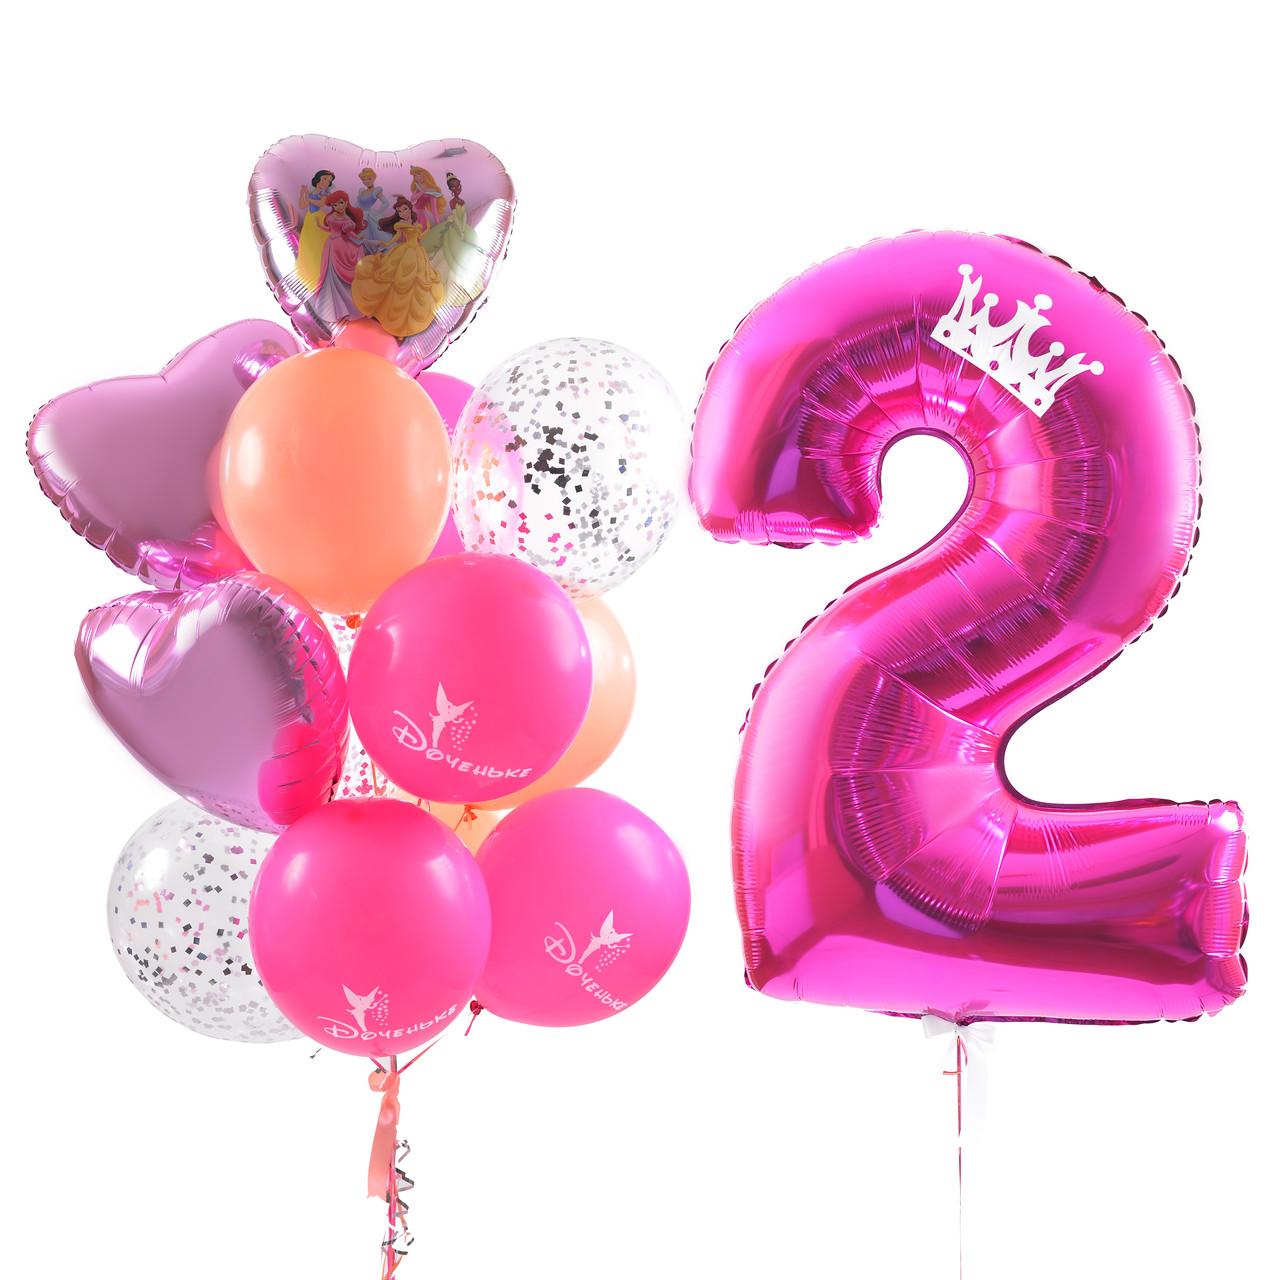 Композиция: цифра 2 и связка: сердце Принцессы, 2 розовых сердца, 7 шариков Доченьке и 3 шара с конфетти